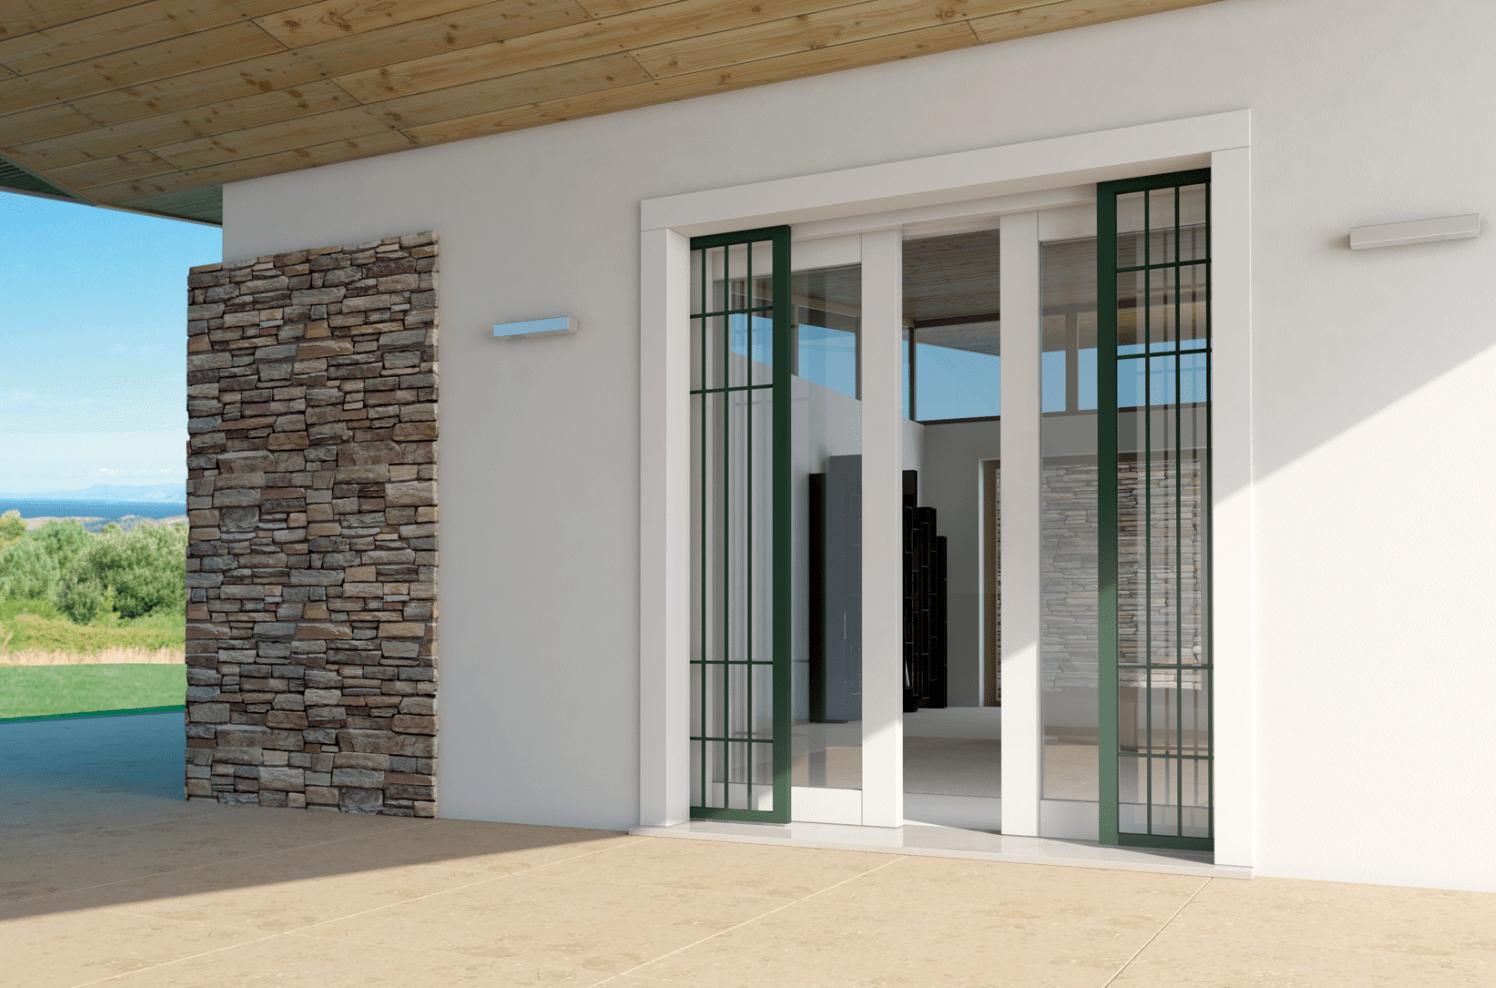 Porte e finestre di sicurezza casa protetta anche durante - Inferriata porta ...